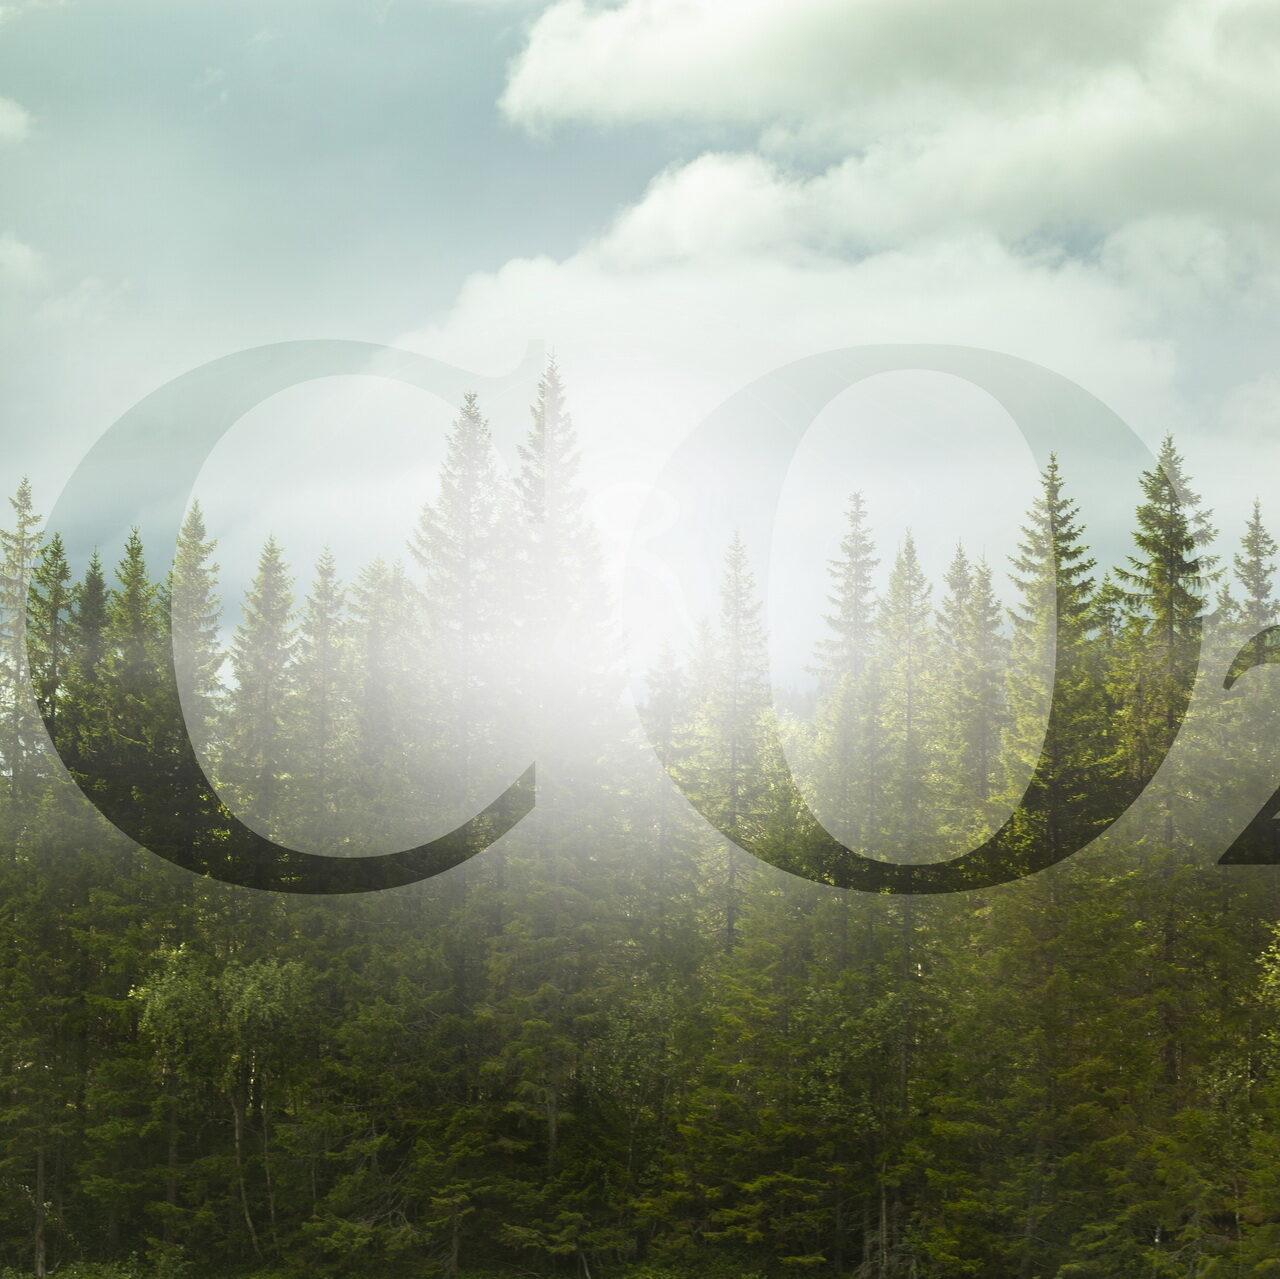 Emissionsneutralität ist Motto der Stunde